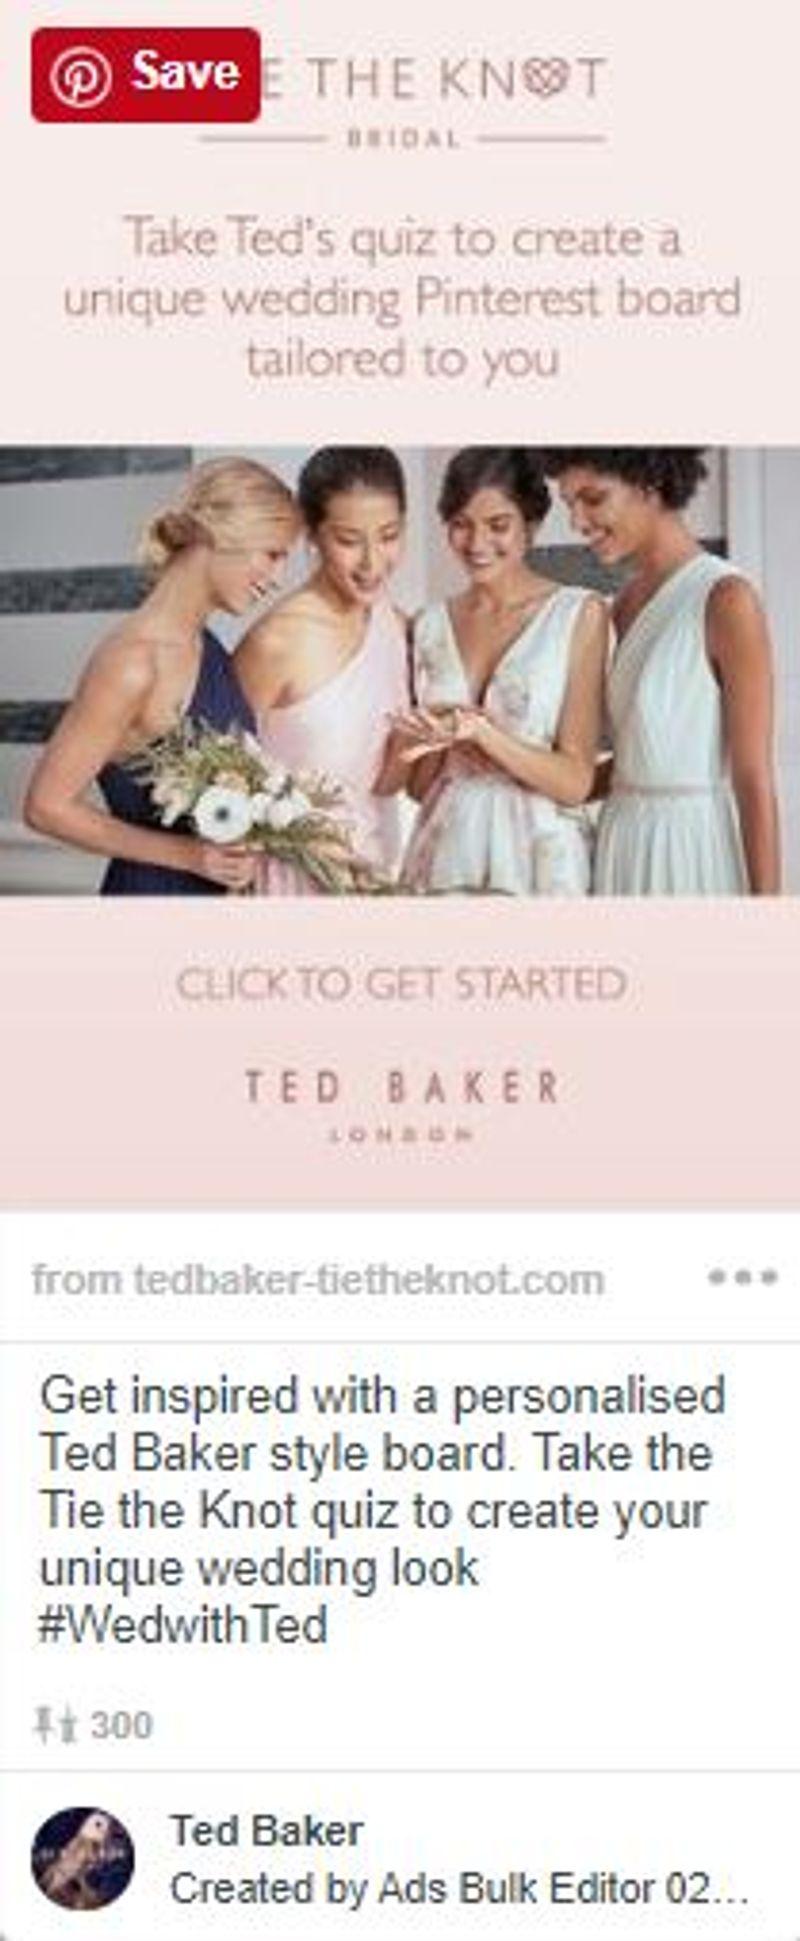 Ted Baker x Pinterest Partnership